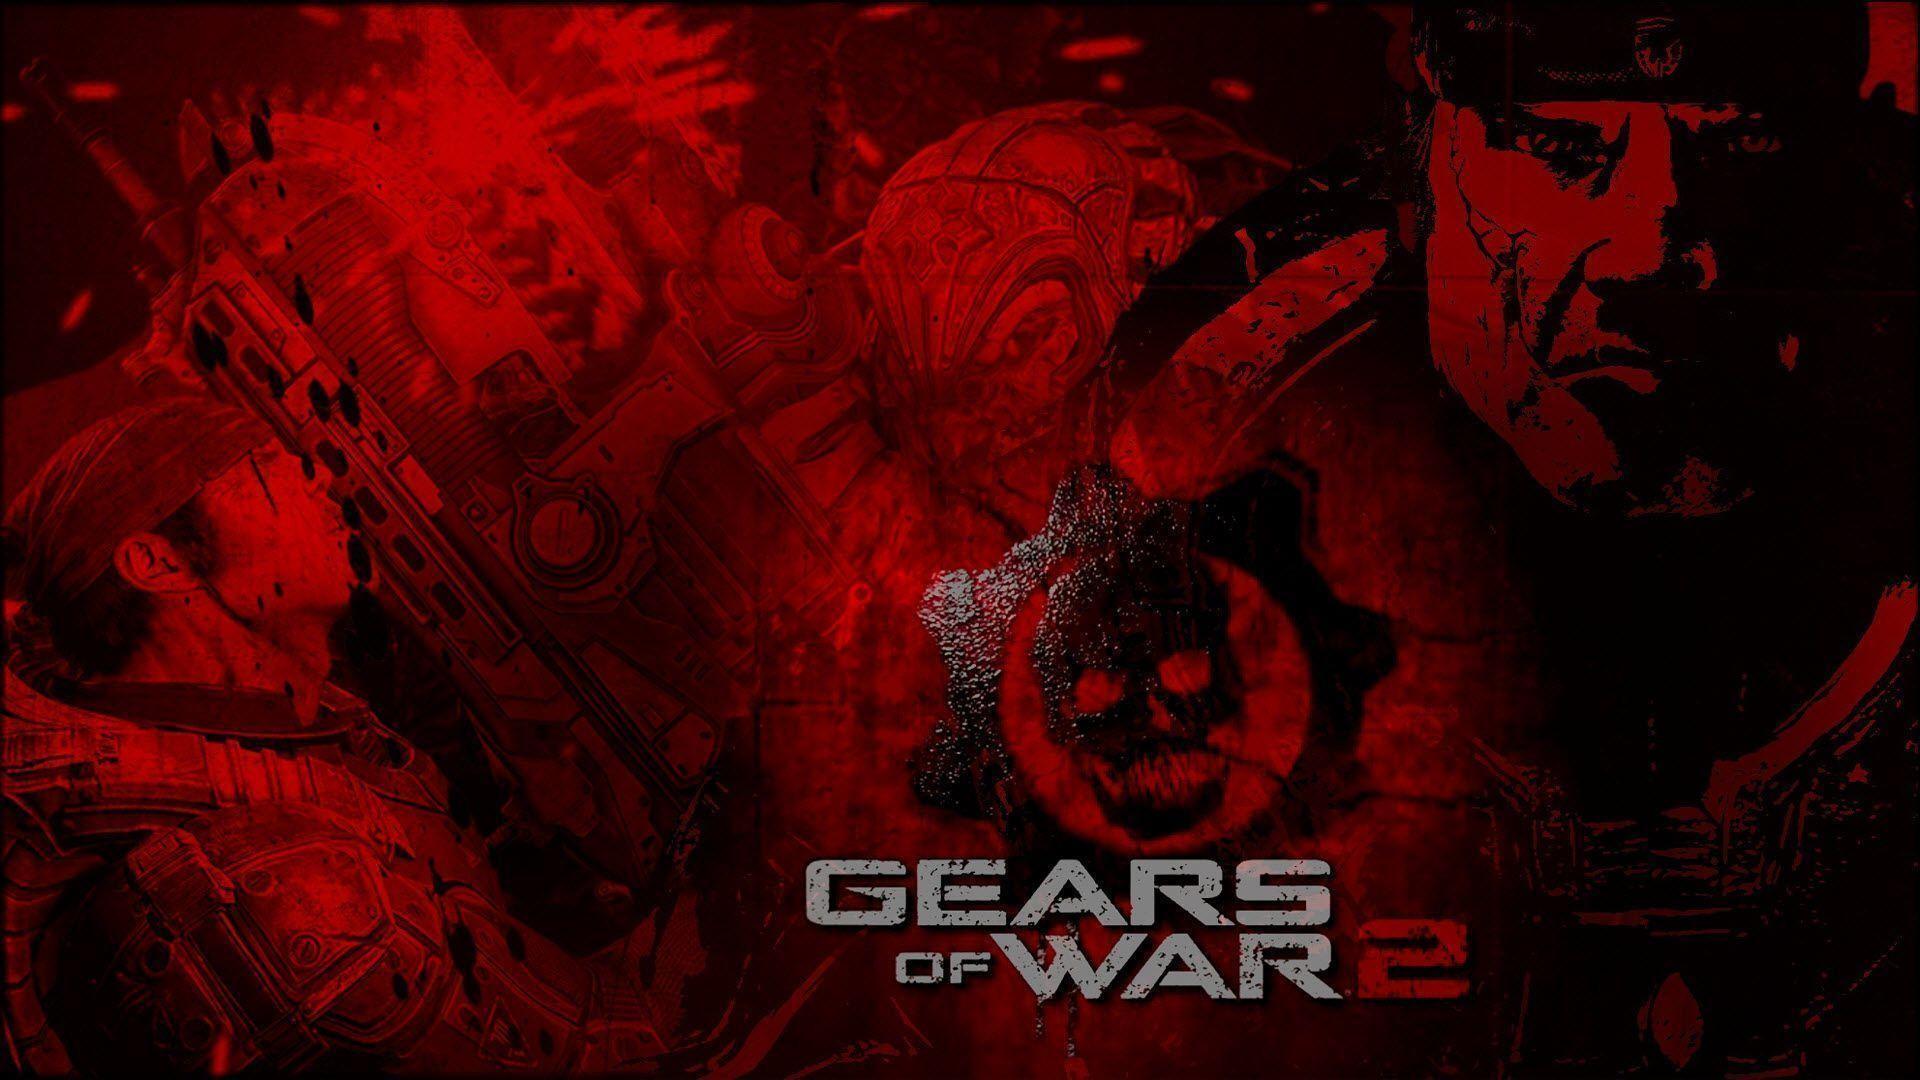 gears of war 2 wallpaper (58+ images)